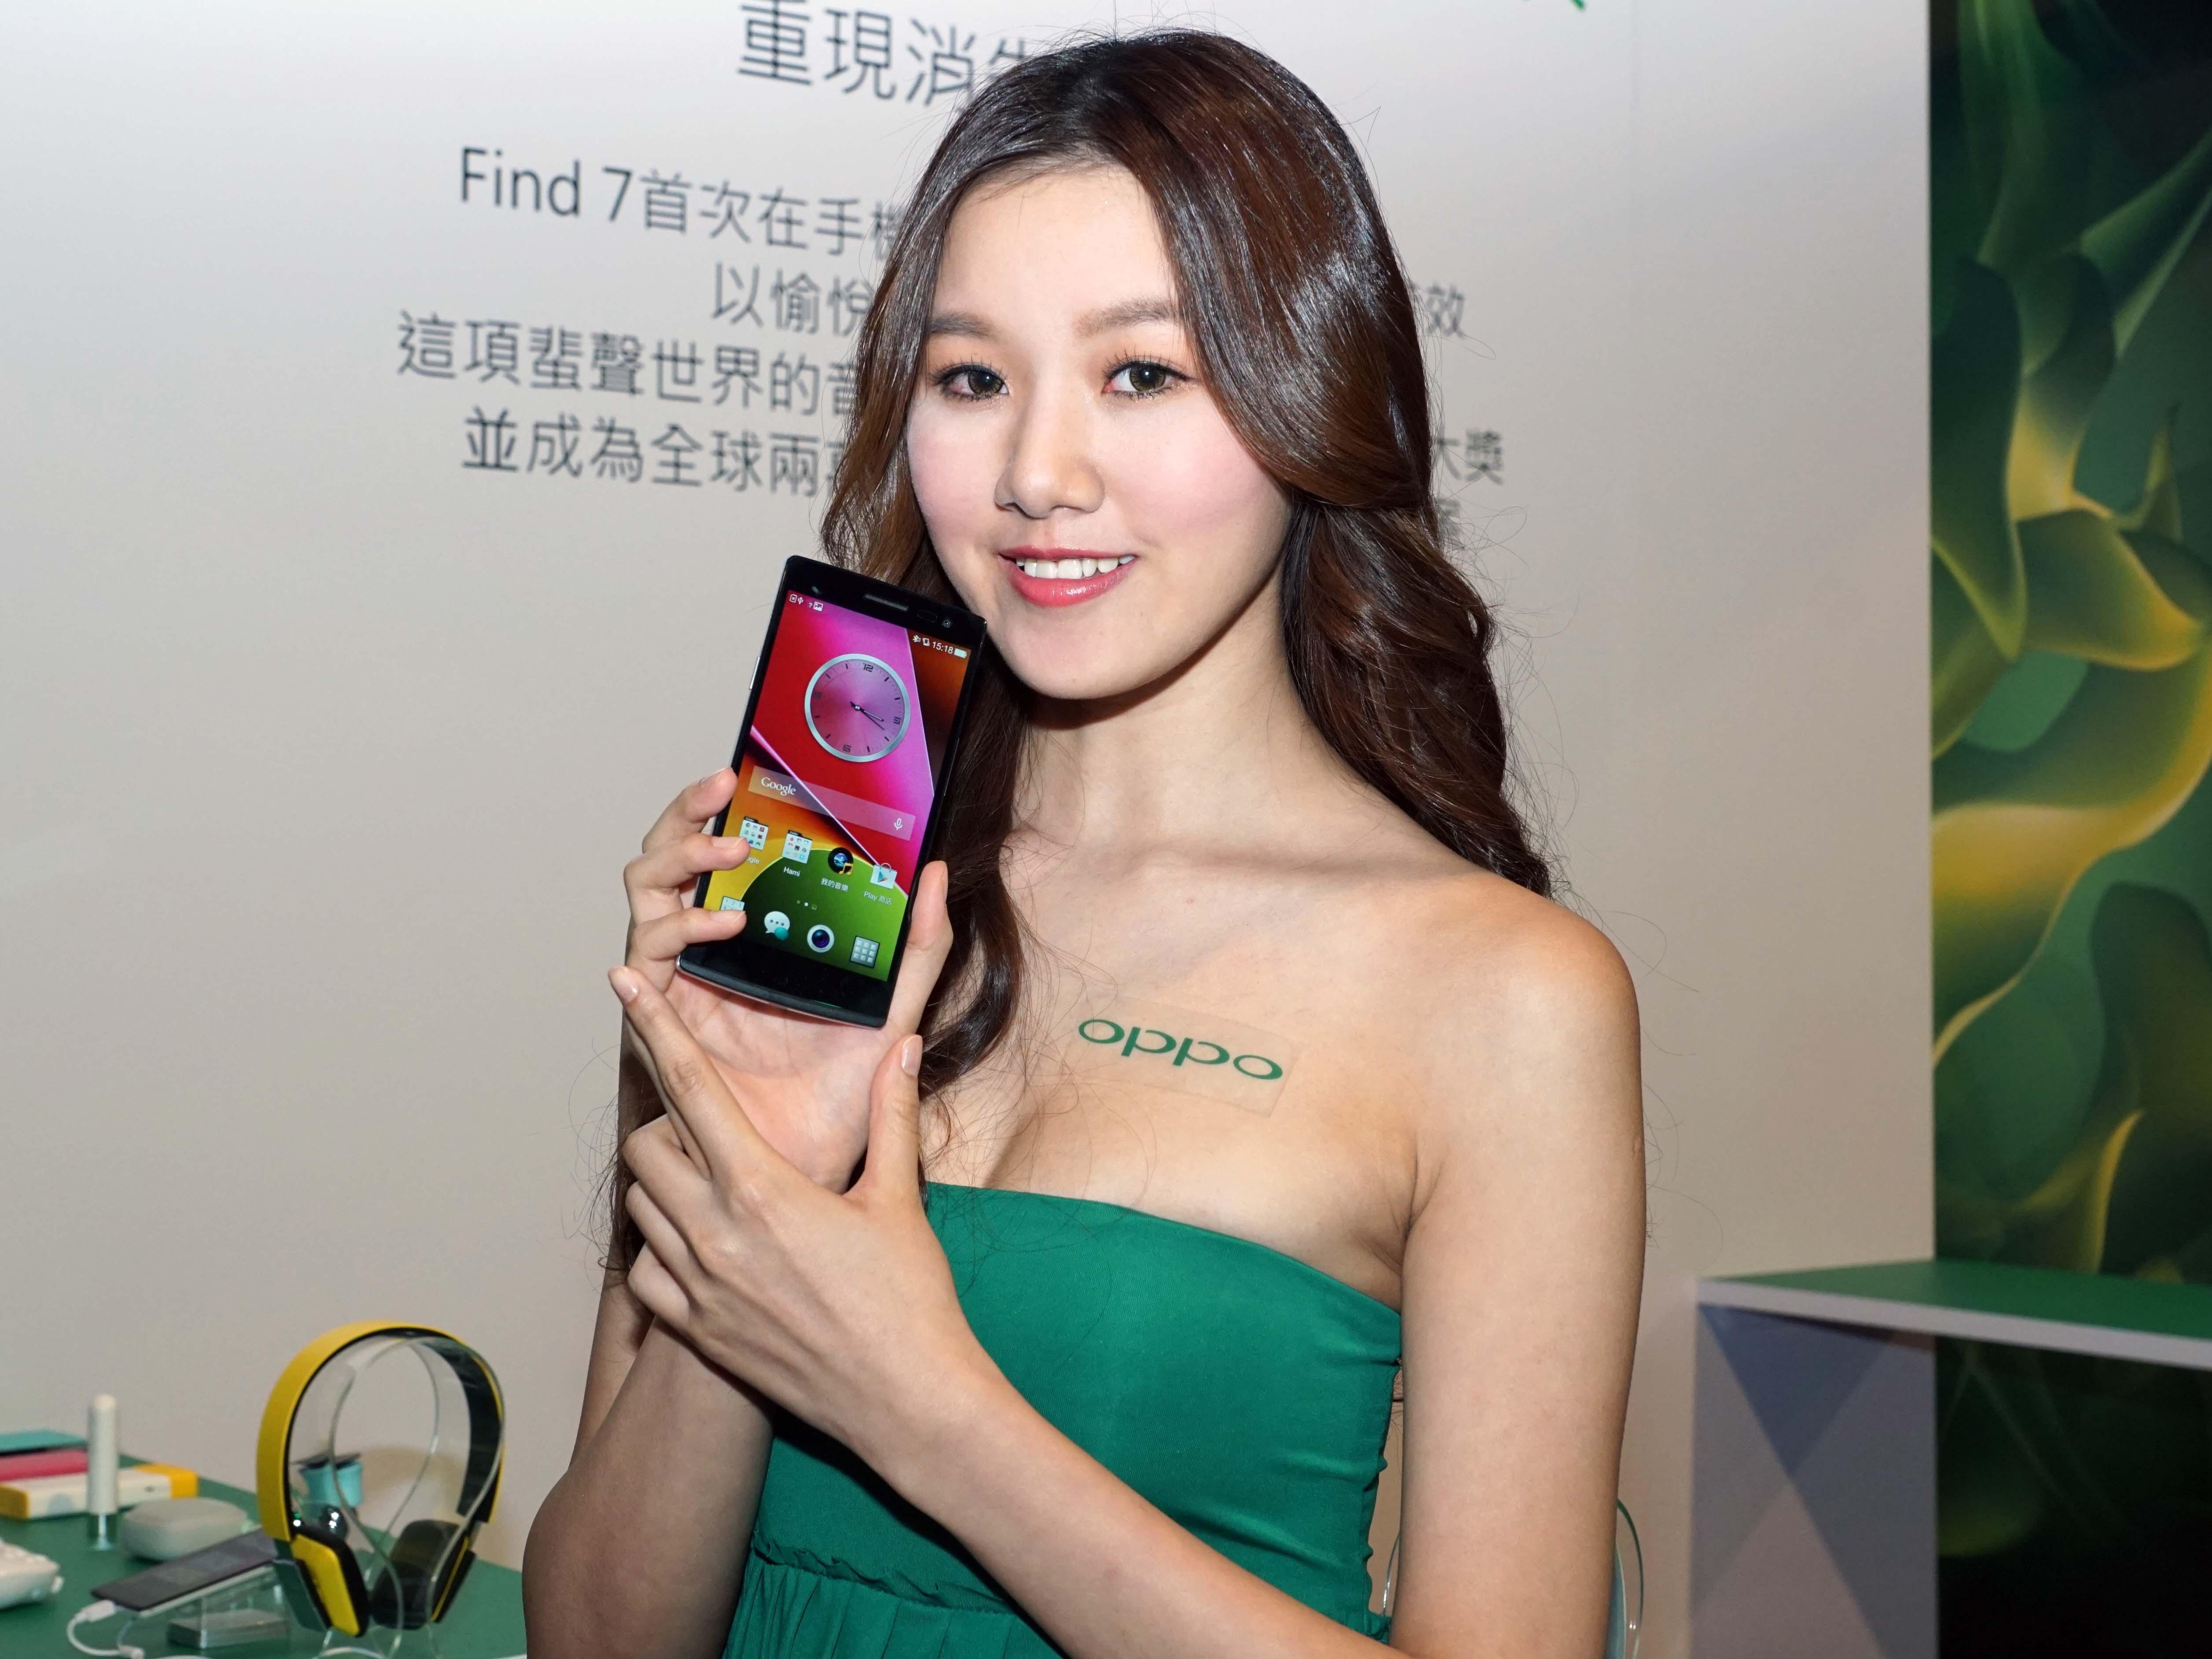 OPPO 搶進台灣 Find 7正式上市,售價 16,990 元